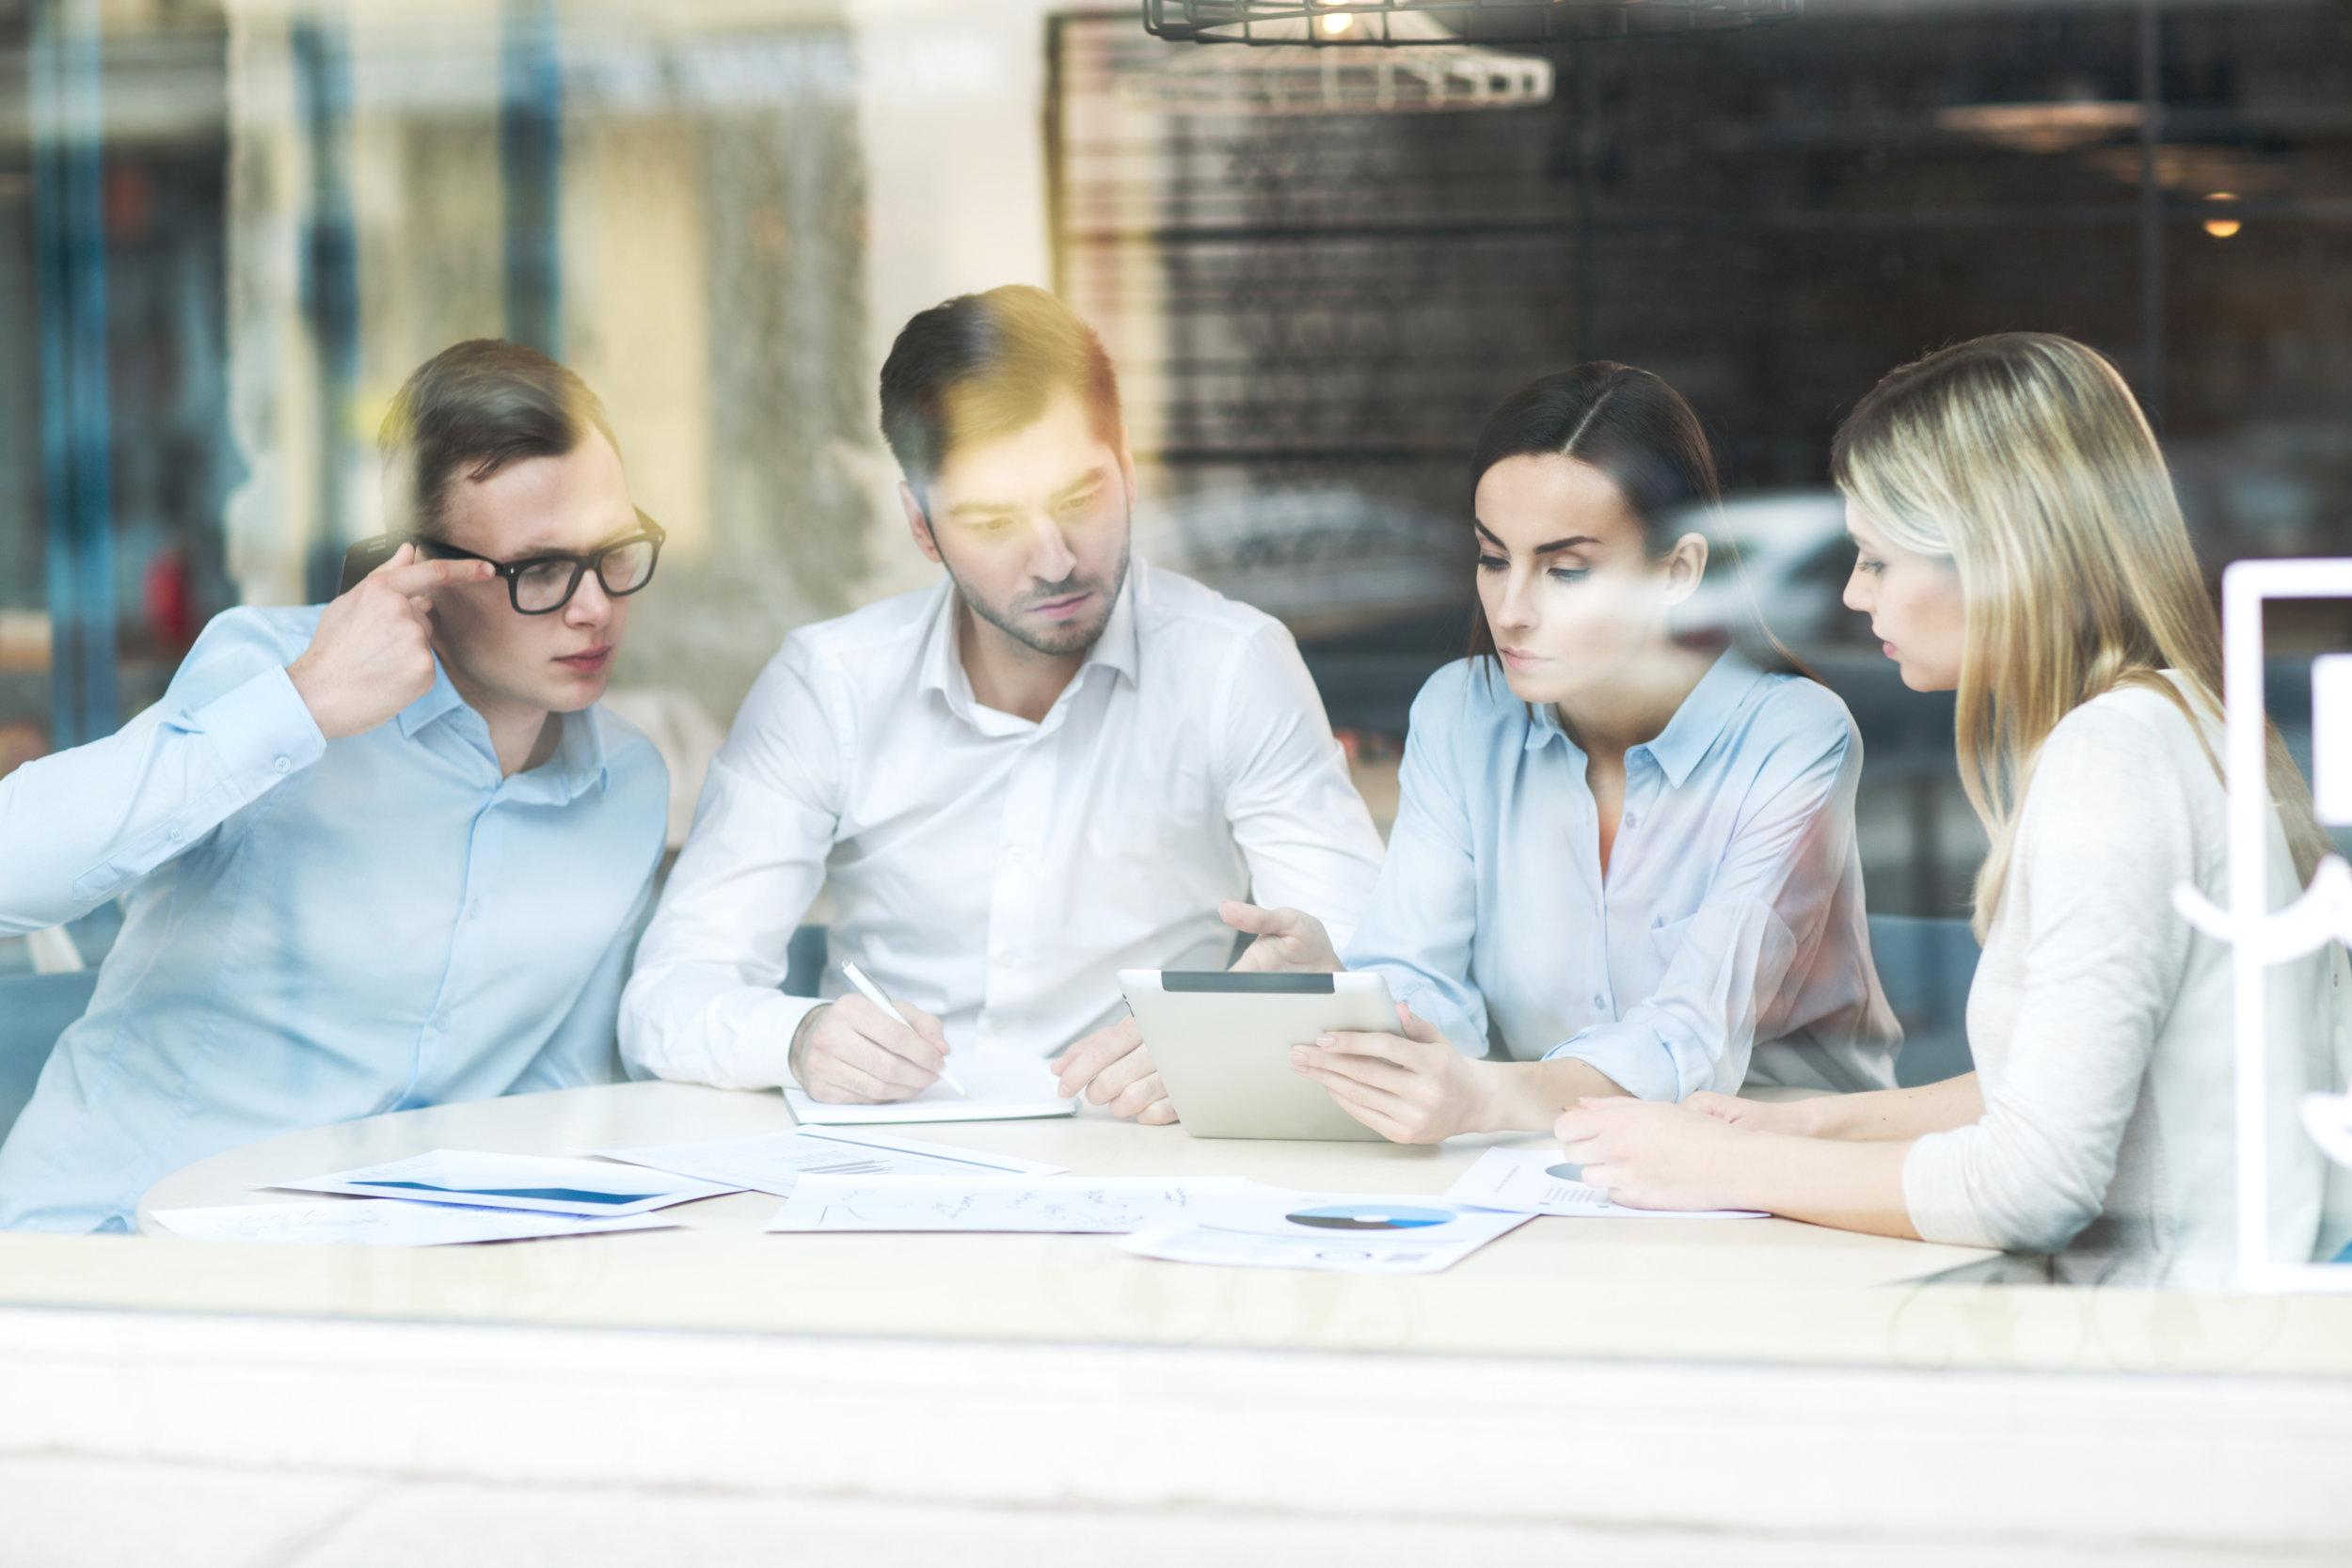 CONsulenze aziendali  Pianifichiamo programmi di comunicazione adatti a far conoscere le diverse realtà imprenditoriali che si affidano a noi. Attraverso un'analisi degli obiettivi delle aziende, organizziamo la pianificazione dei loro progetti e le strategie di comunicazione per promuovere le loro attività.